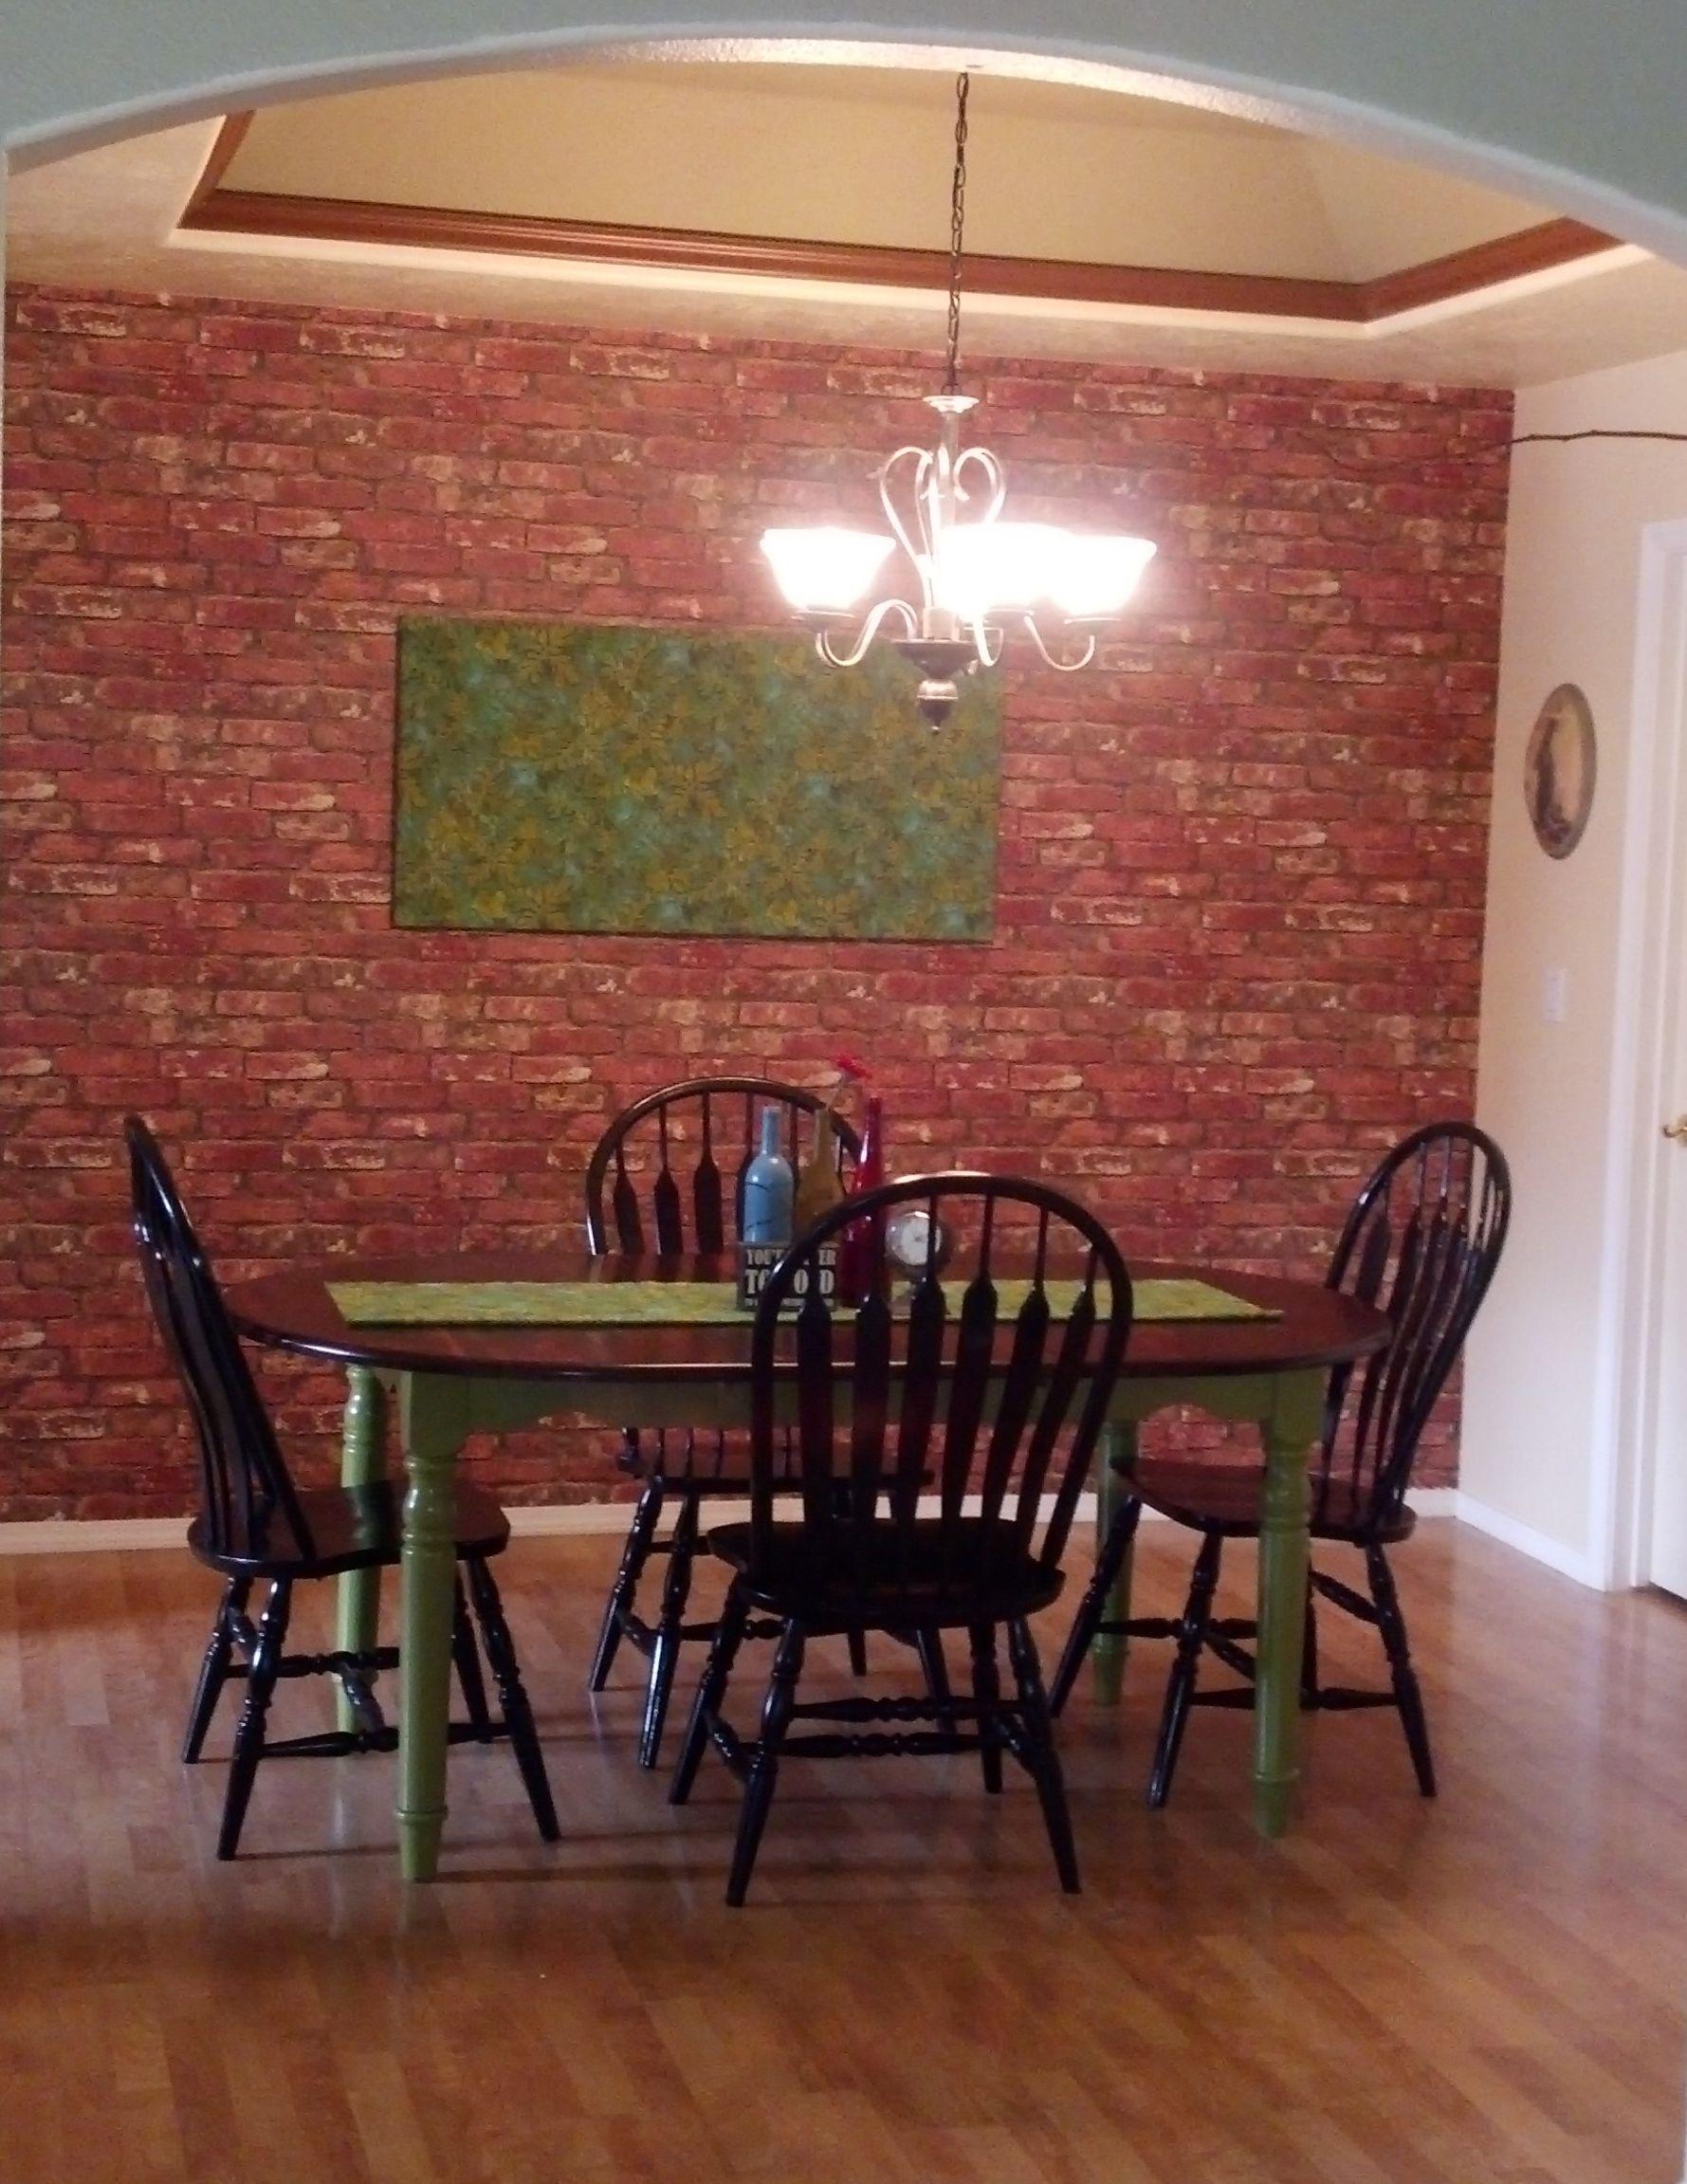 Best Faux Brick Wall Using Brick Wallpaper Believe It Or Not 640 x 480